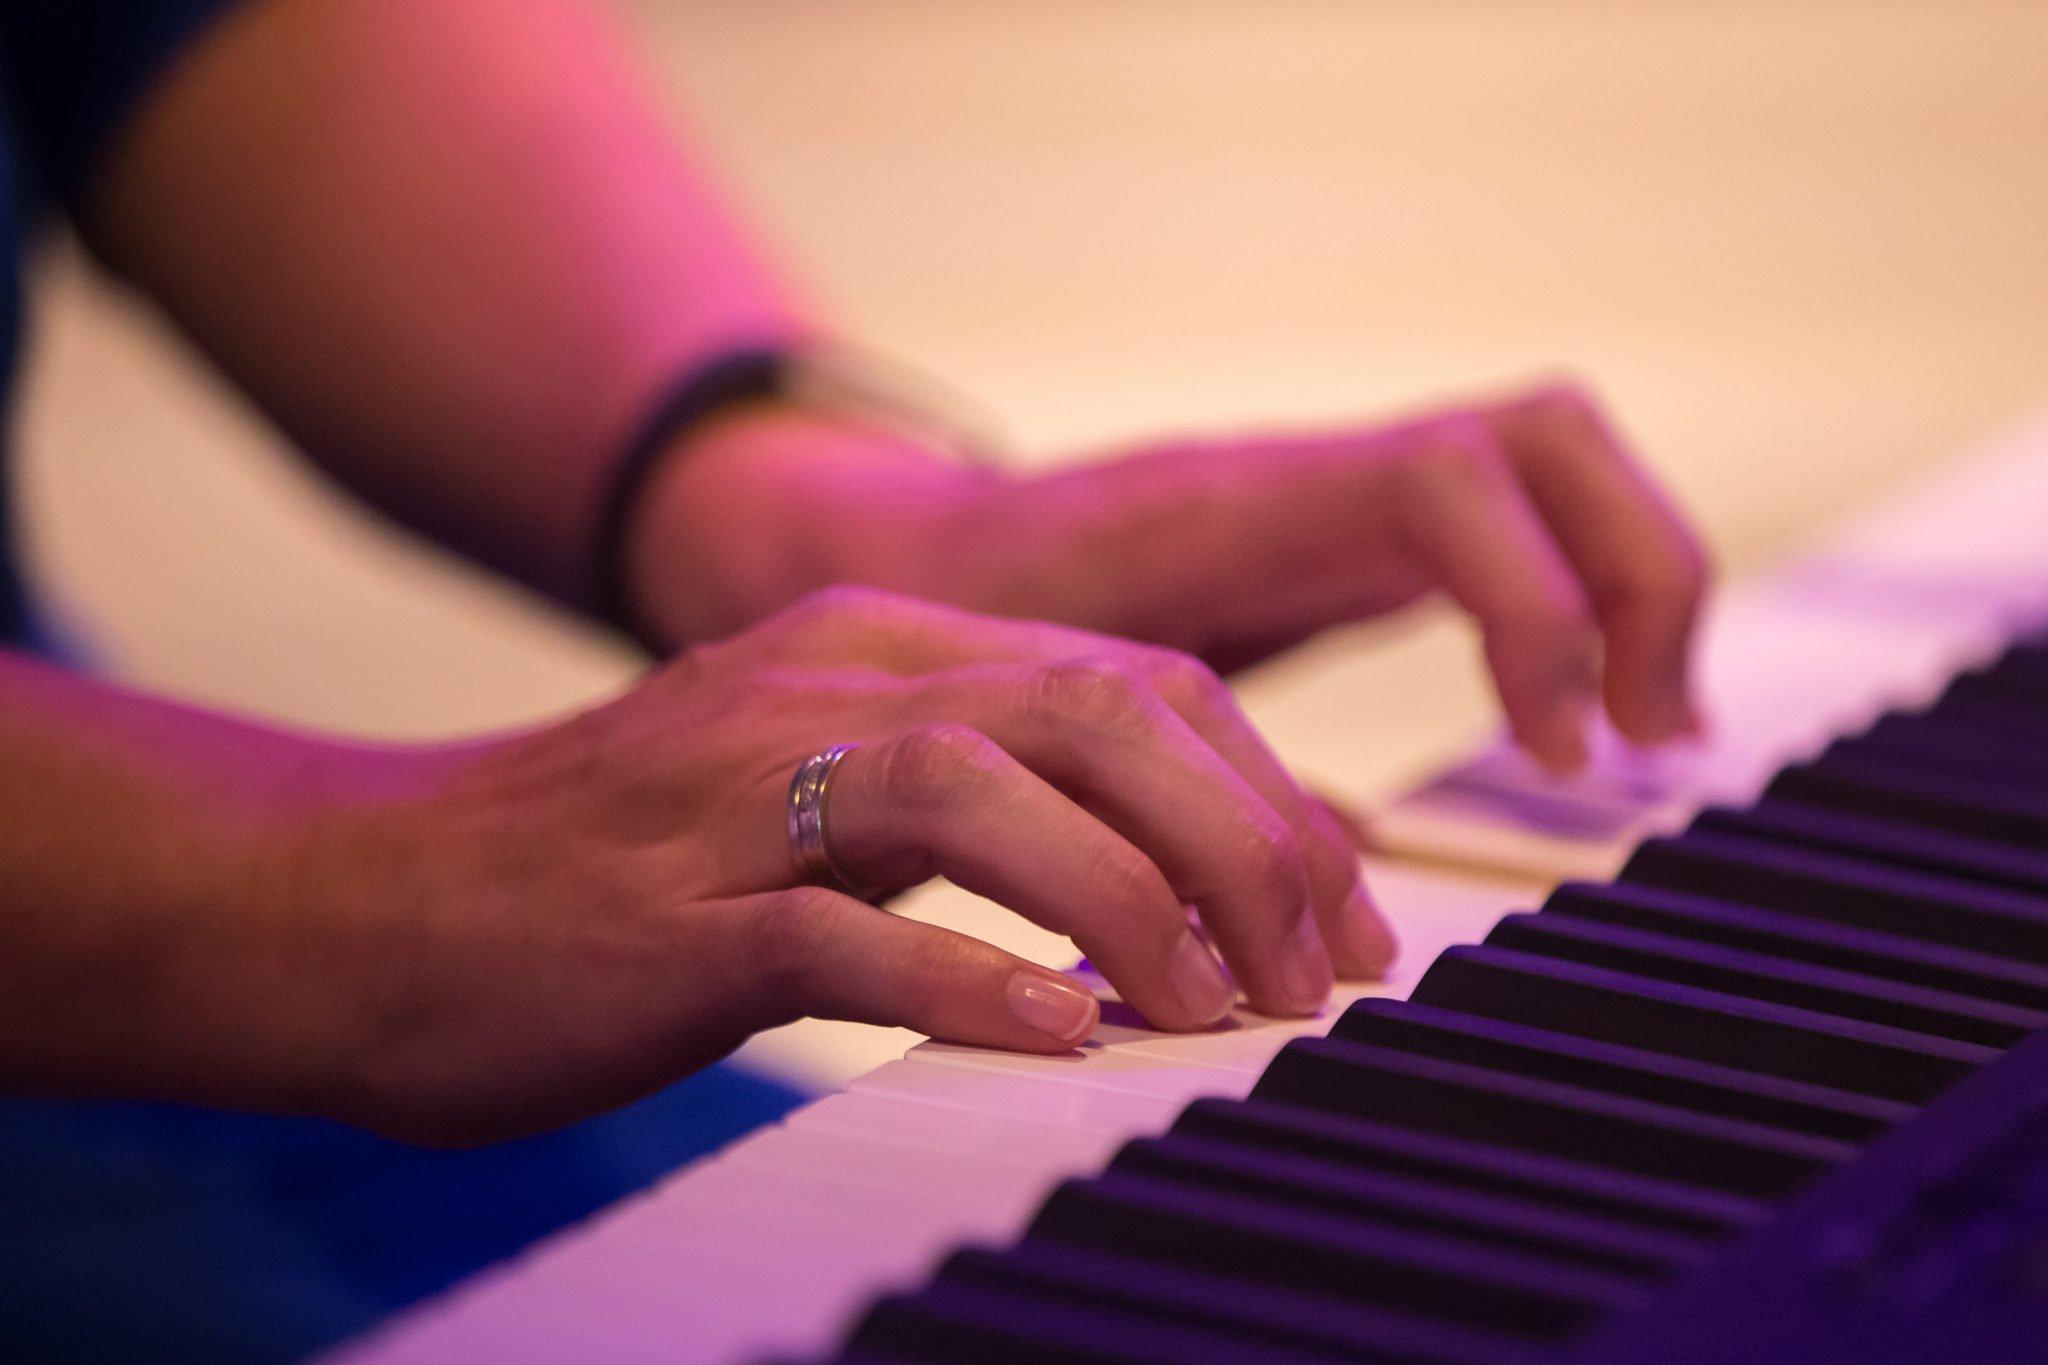 Pianodocent – Keyboardleraar Daniël Roos